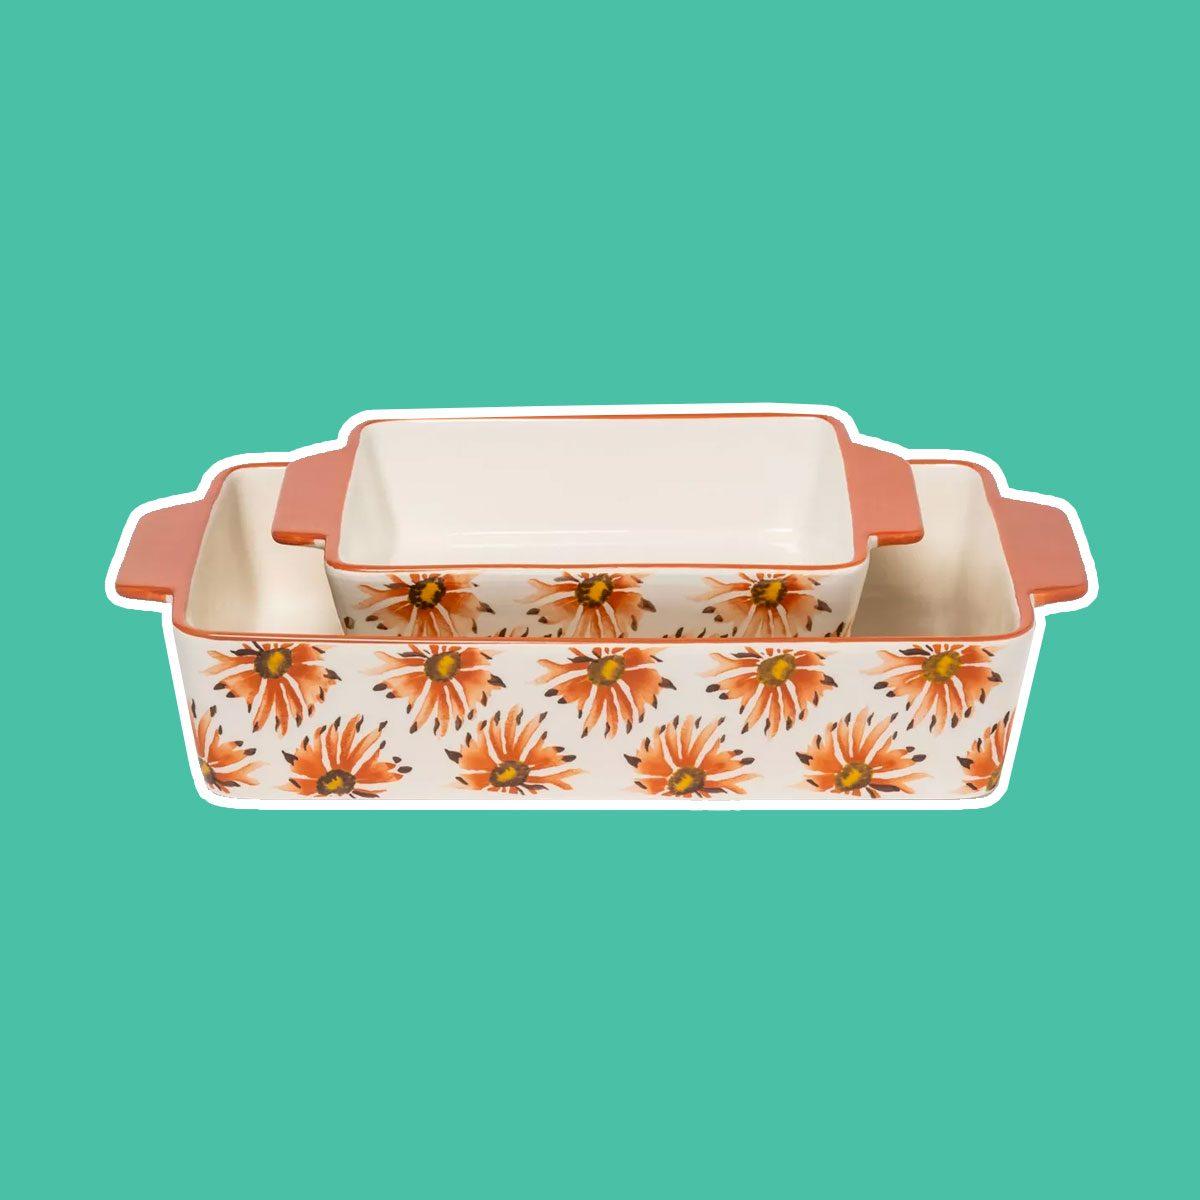 Stoneware Flower Bakeware